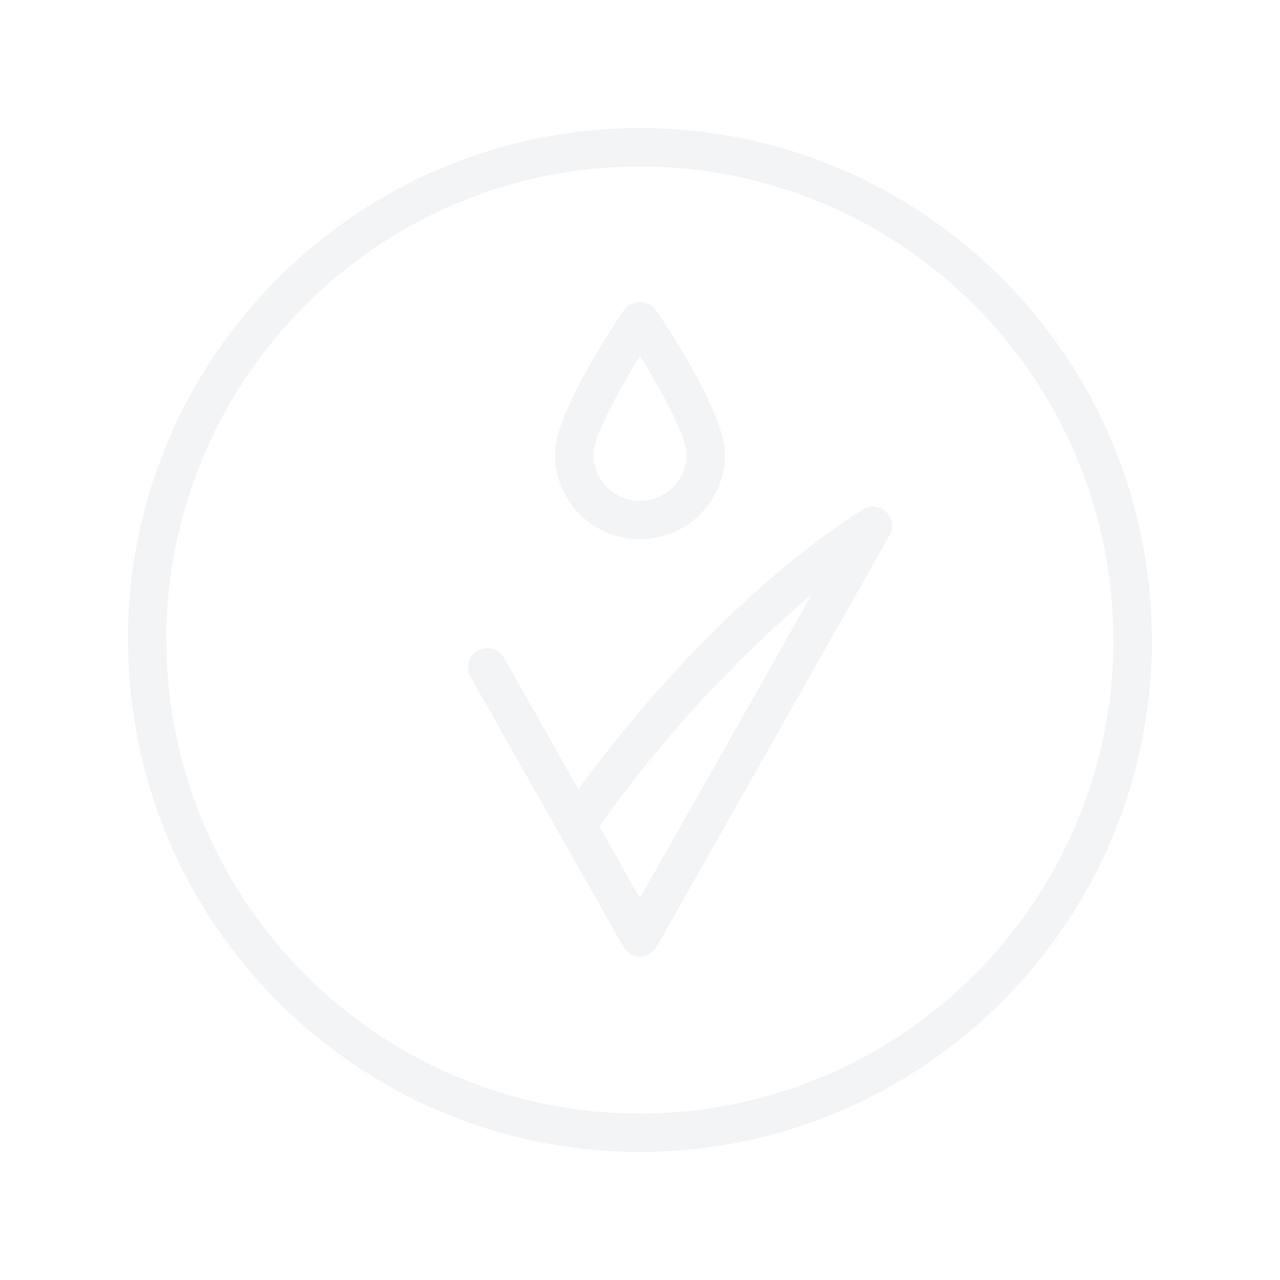 JIMMY CHOO Man Deodorant Stick 75g